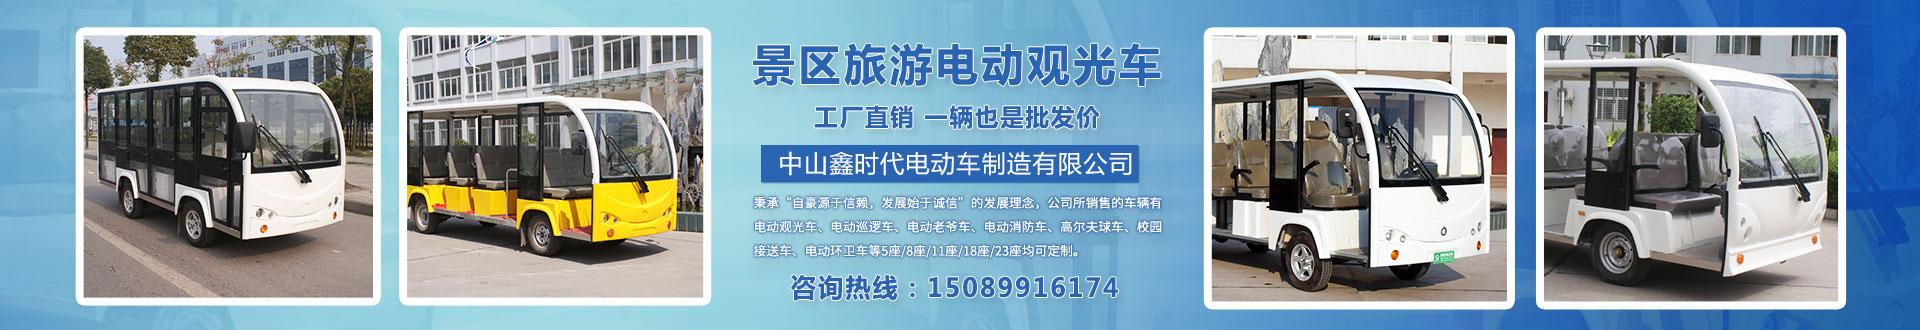 中山市鑫时代电动车制造有限公司